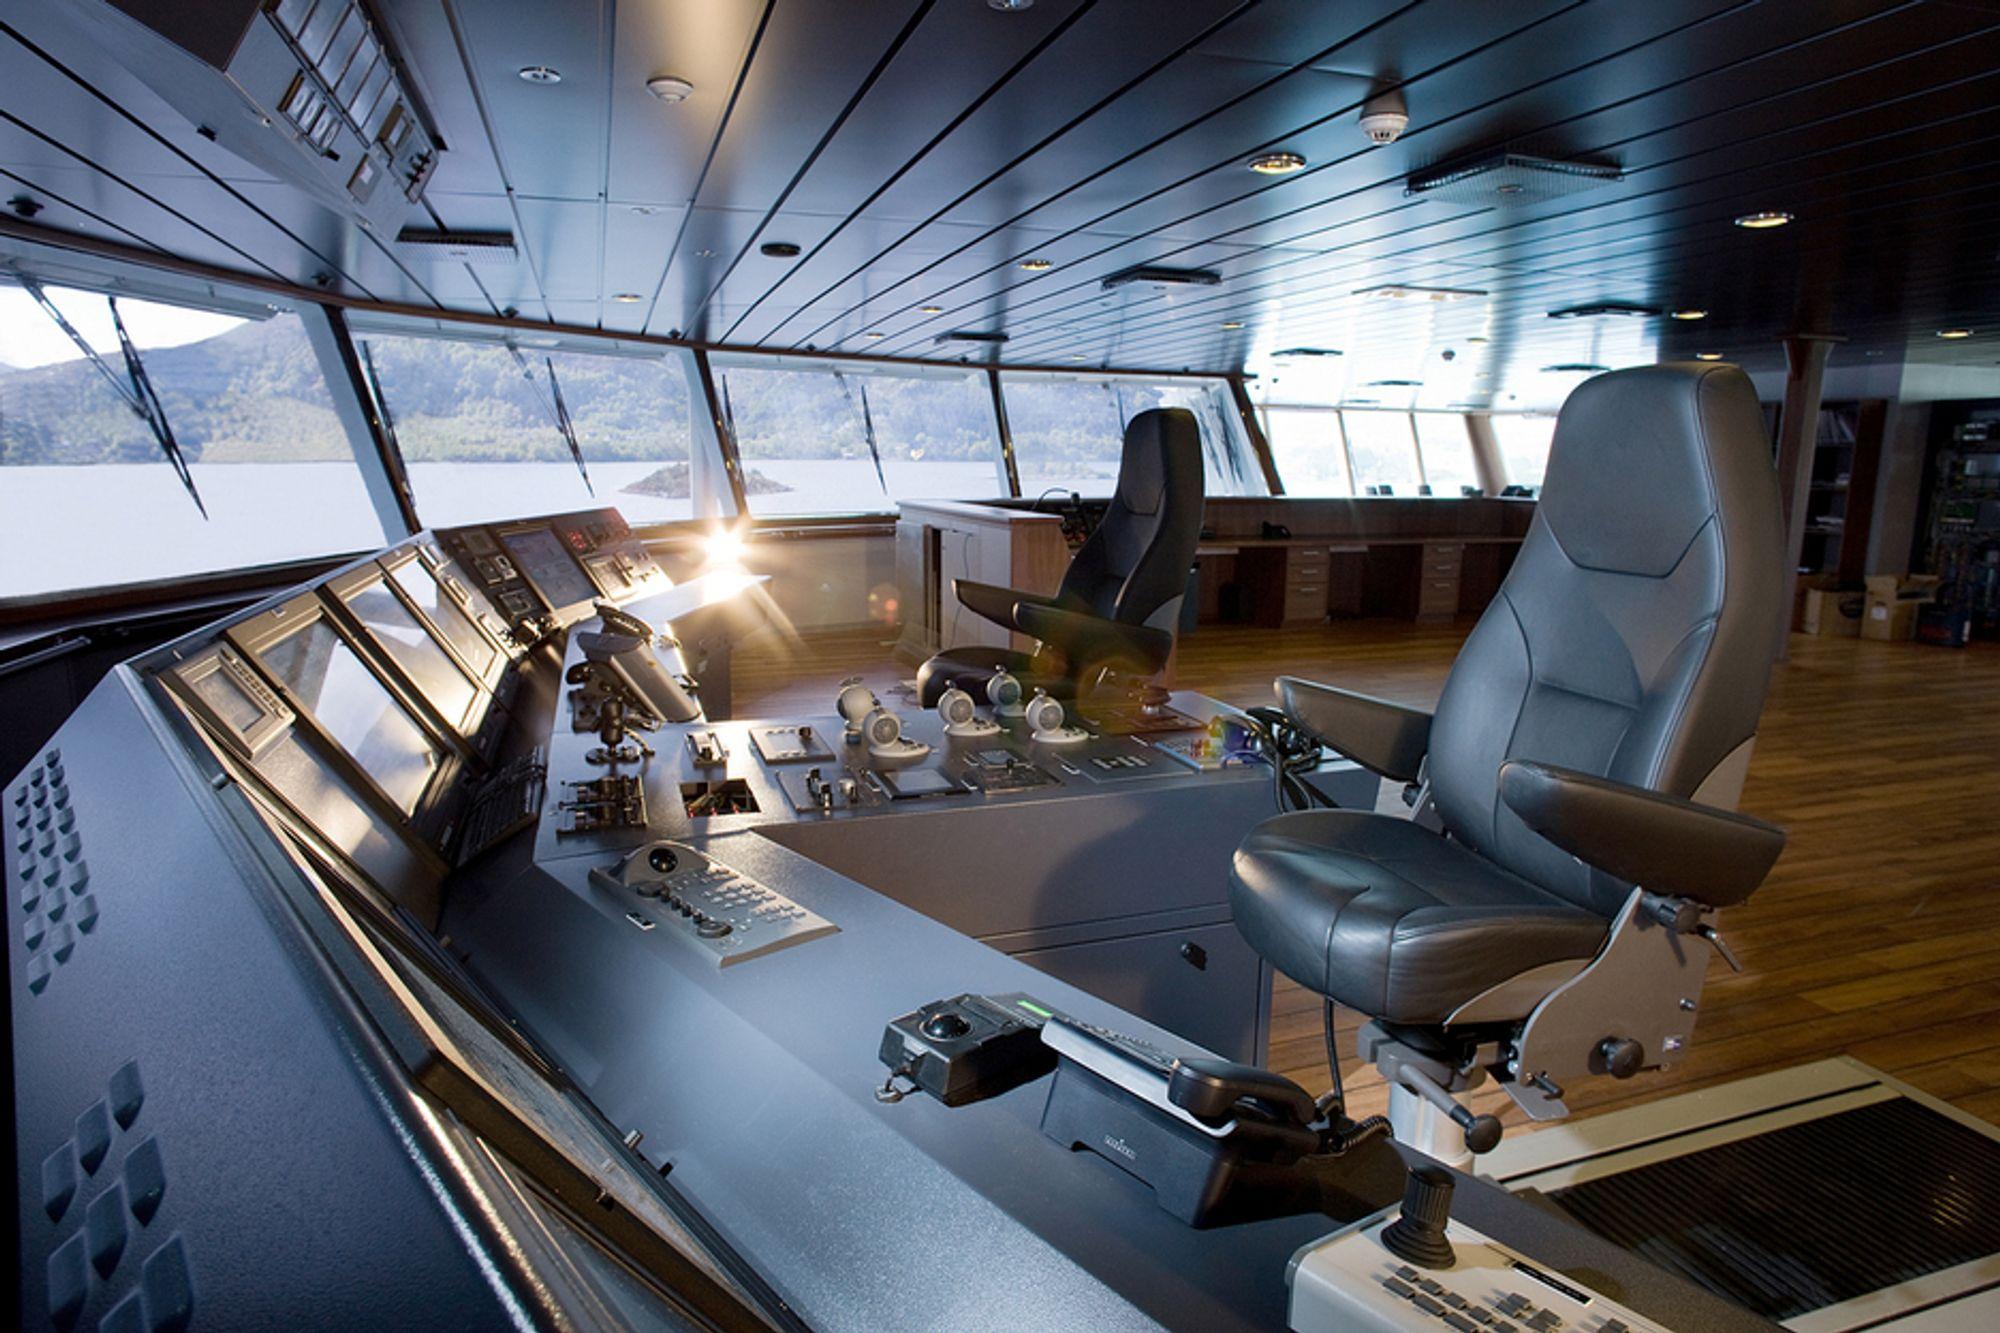 ALARM: UBAS fungerer som dødmannsknapp. Systemet oppdager dersom det opppstår uregelmessigheter på broen og varsler kaptein eller andre, både visuelt og med lyd.